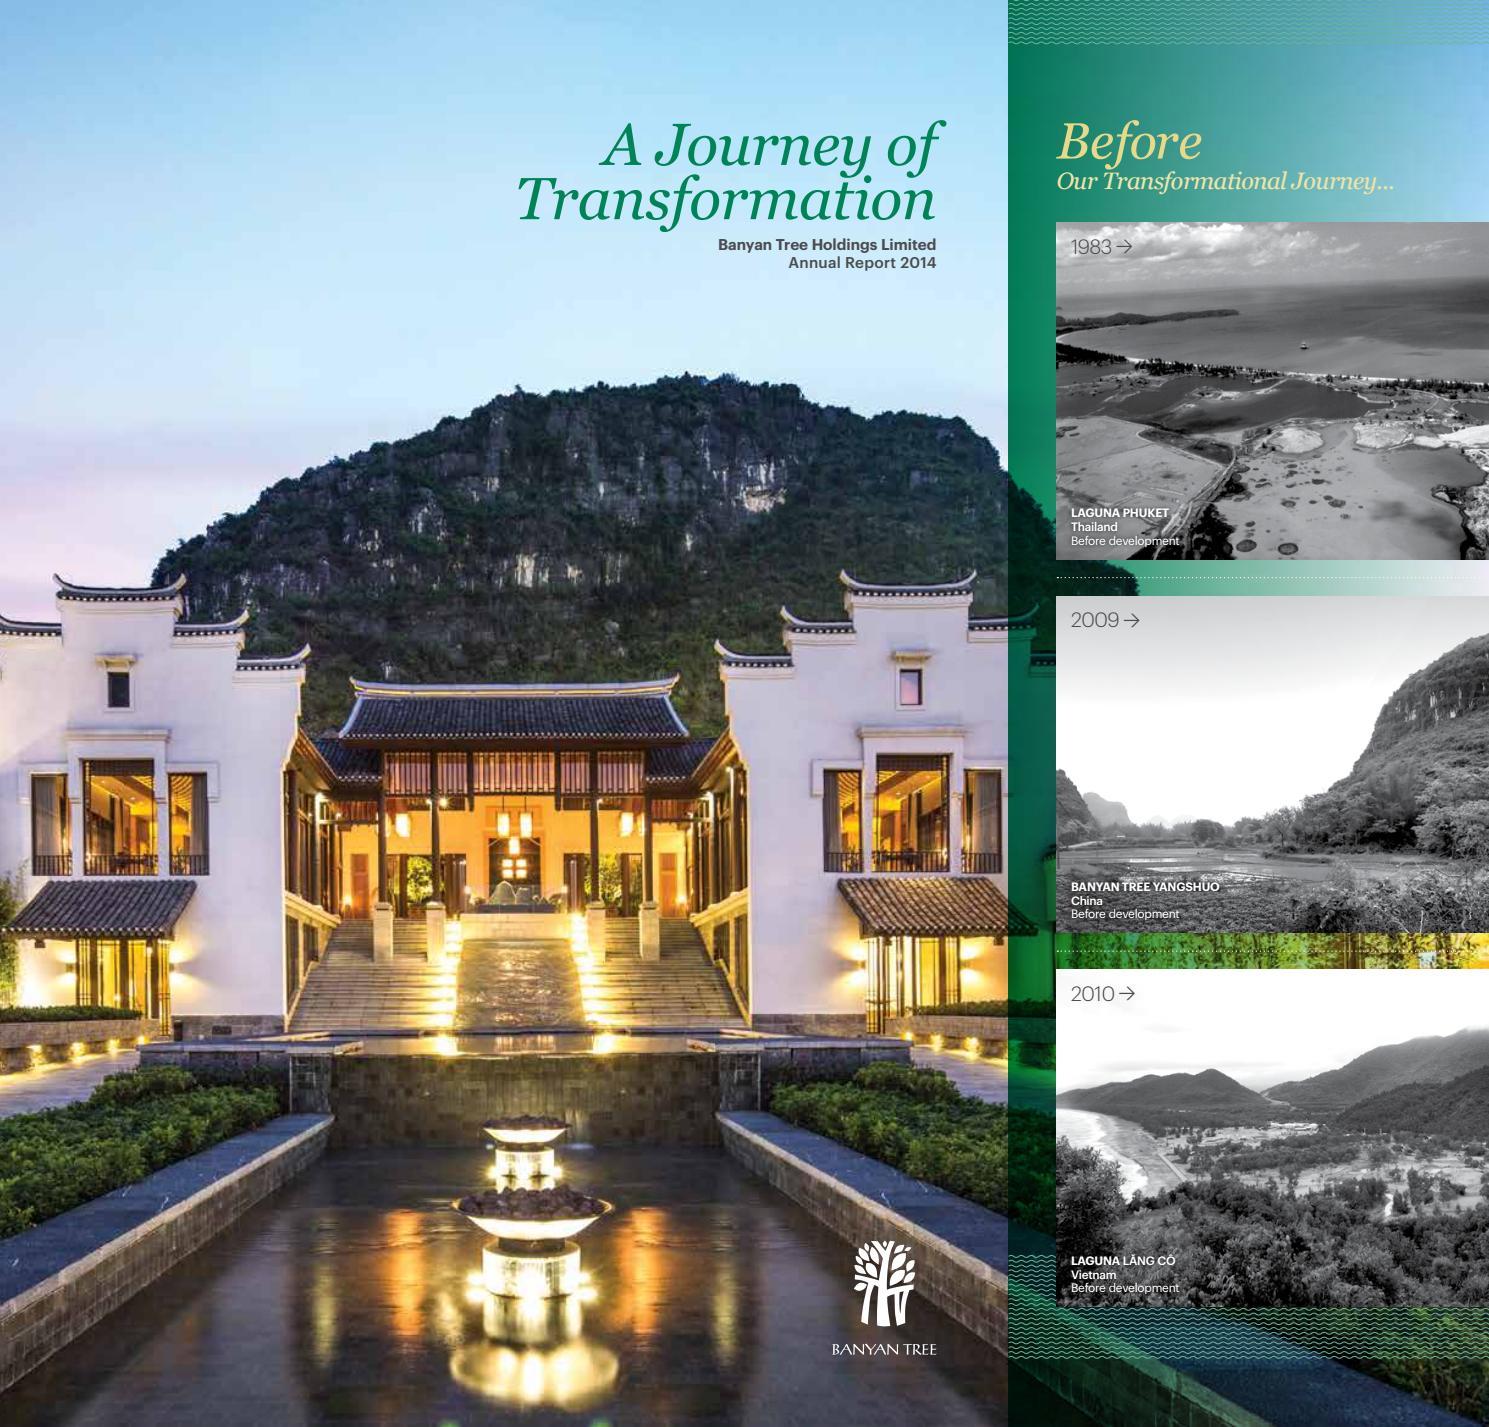 Banyan Tree Apartments: Banyan Tree Hotels And Resorts Anual Report (11) By Laguna